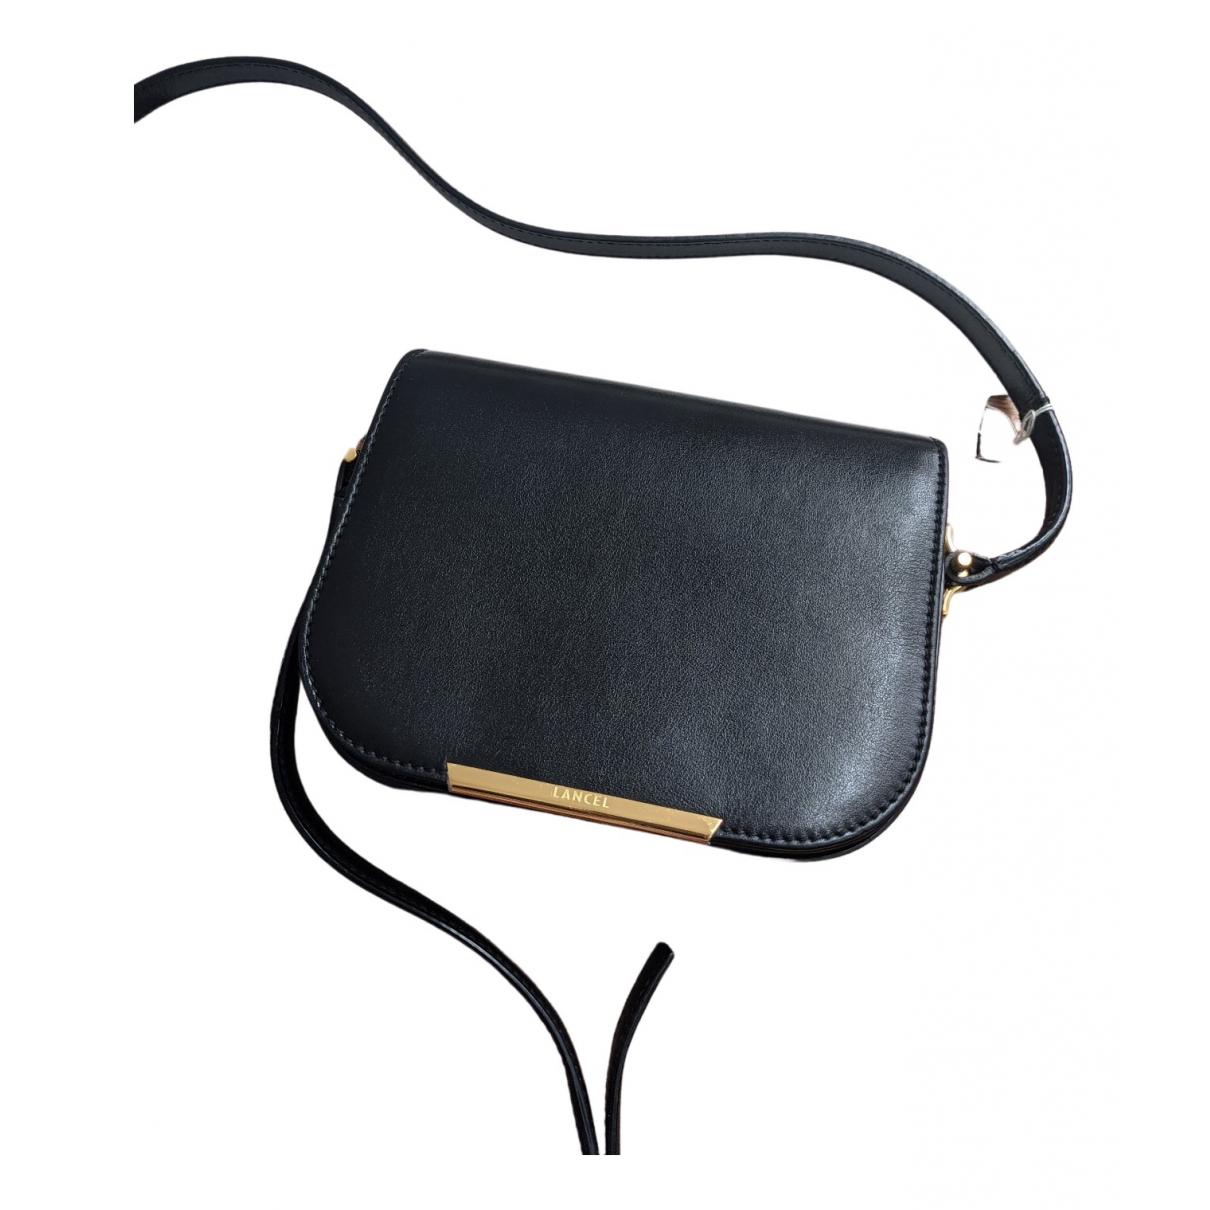 Lancel Bianca Handtasche in  Schwarz Leder